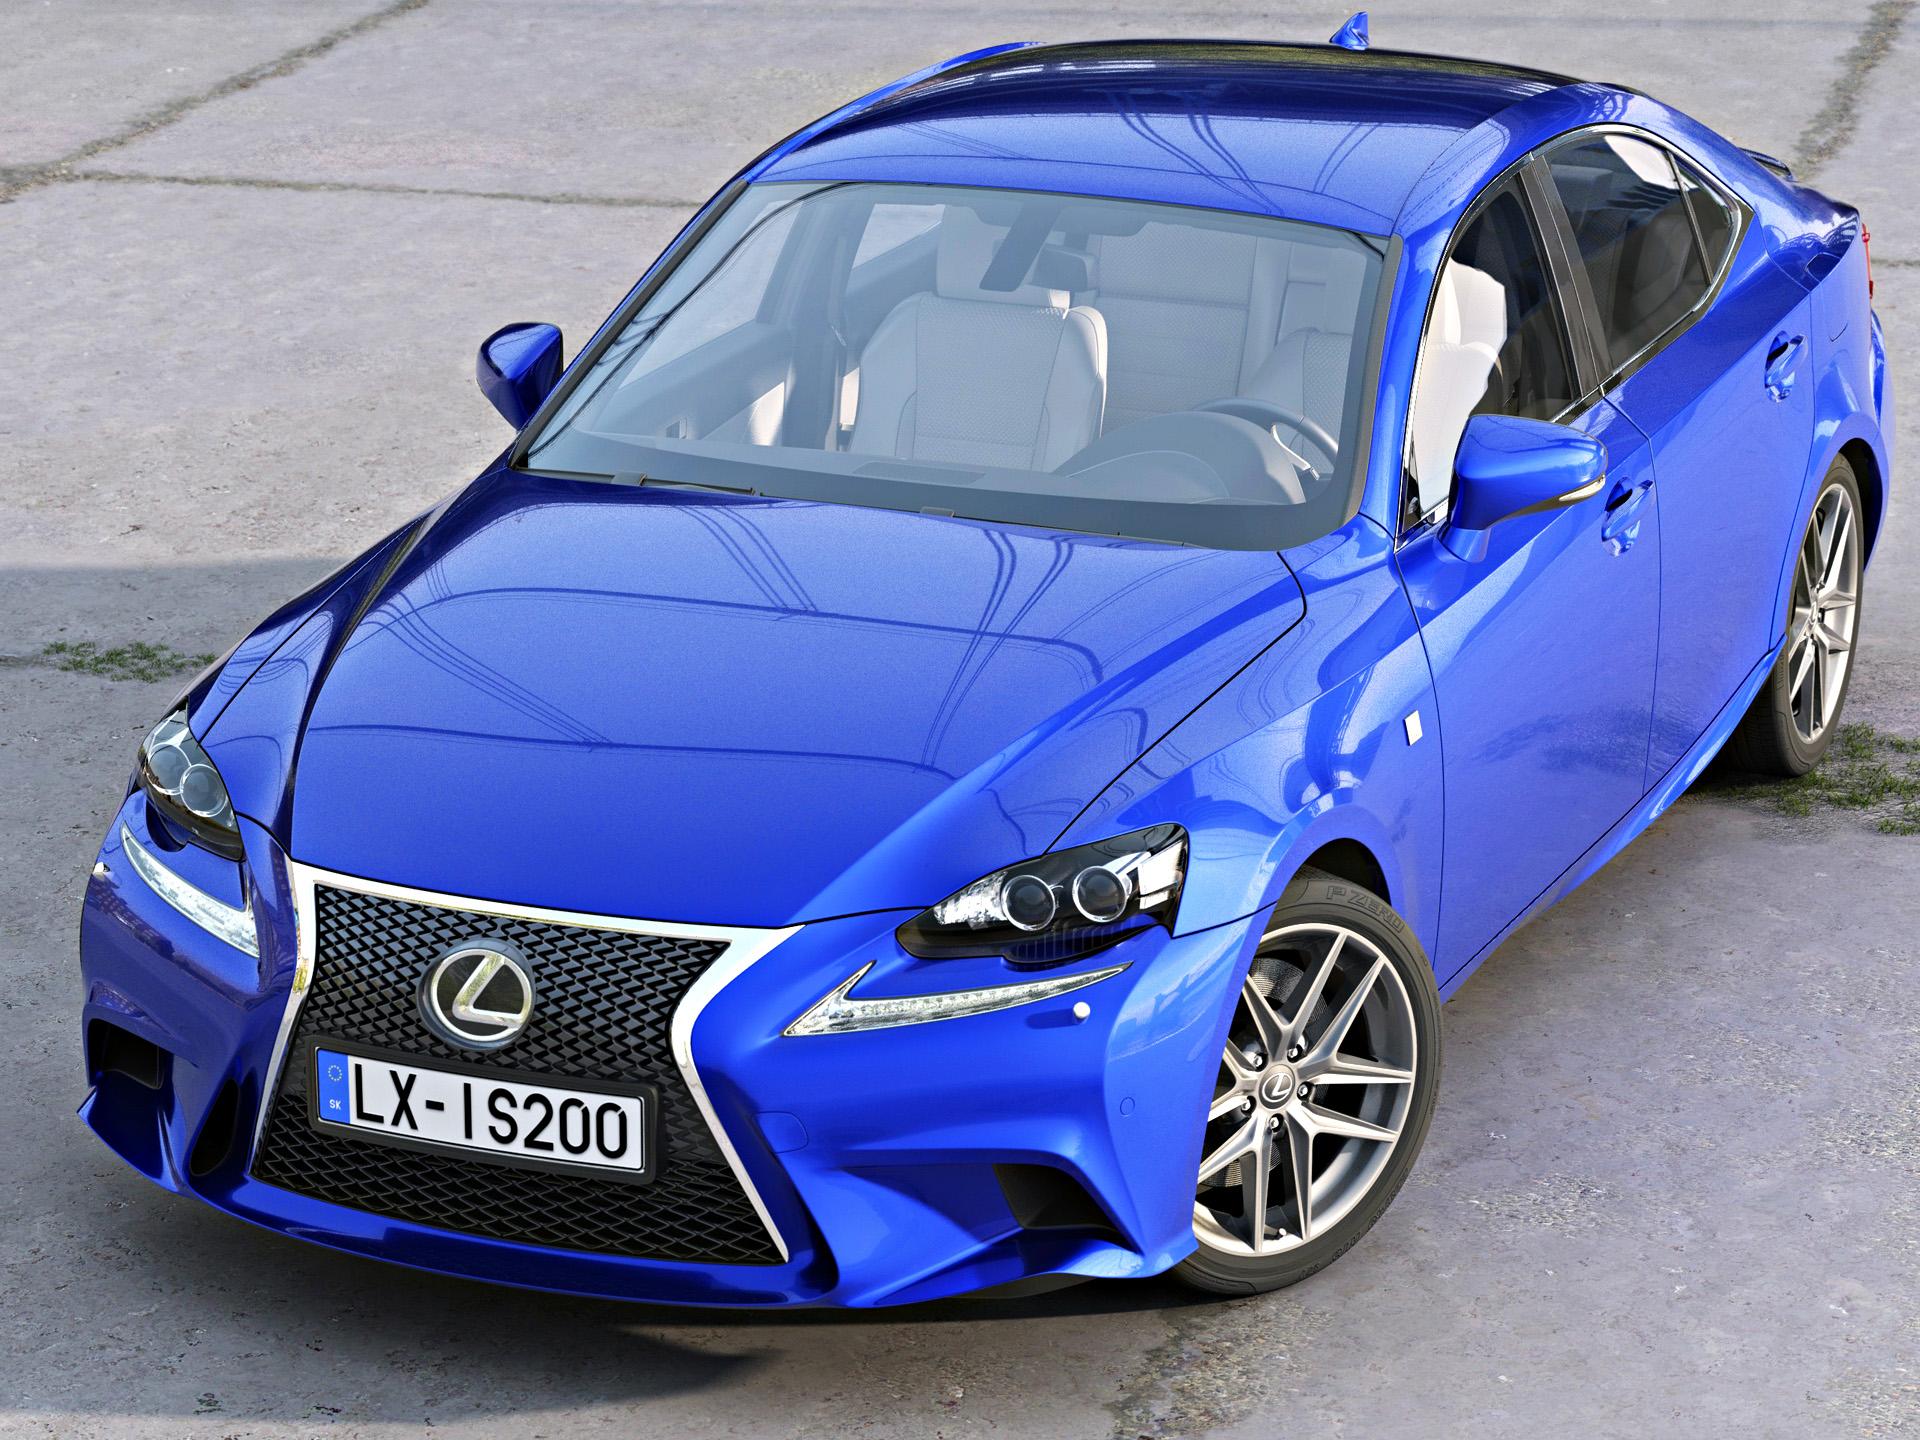 Lexus IS F-Sport 2016 3d model 3ds max fbx c4d obj 288094